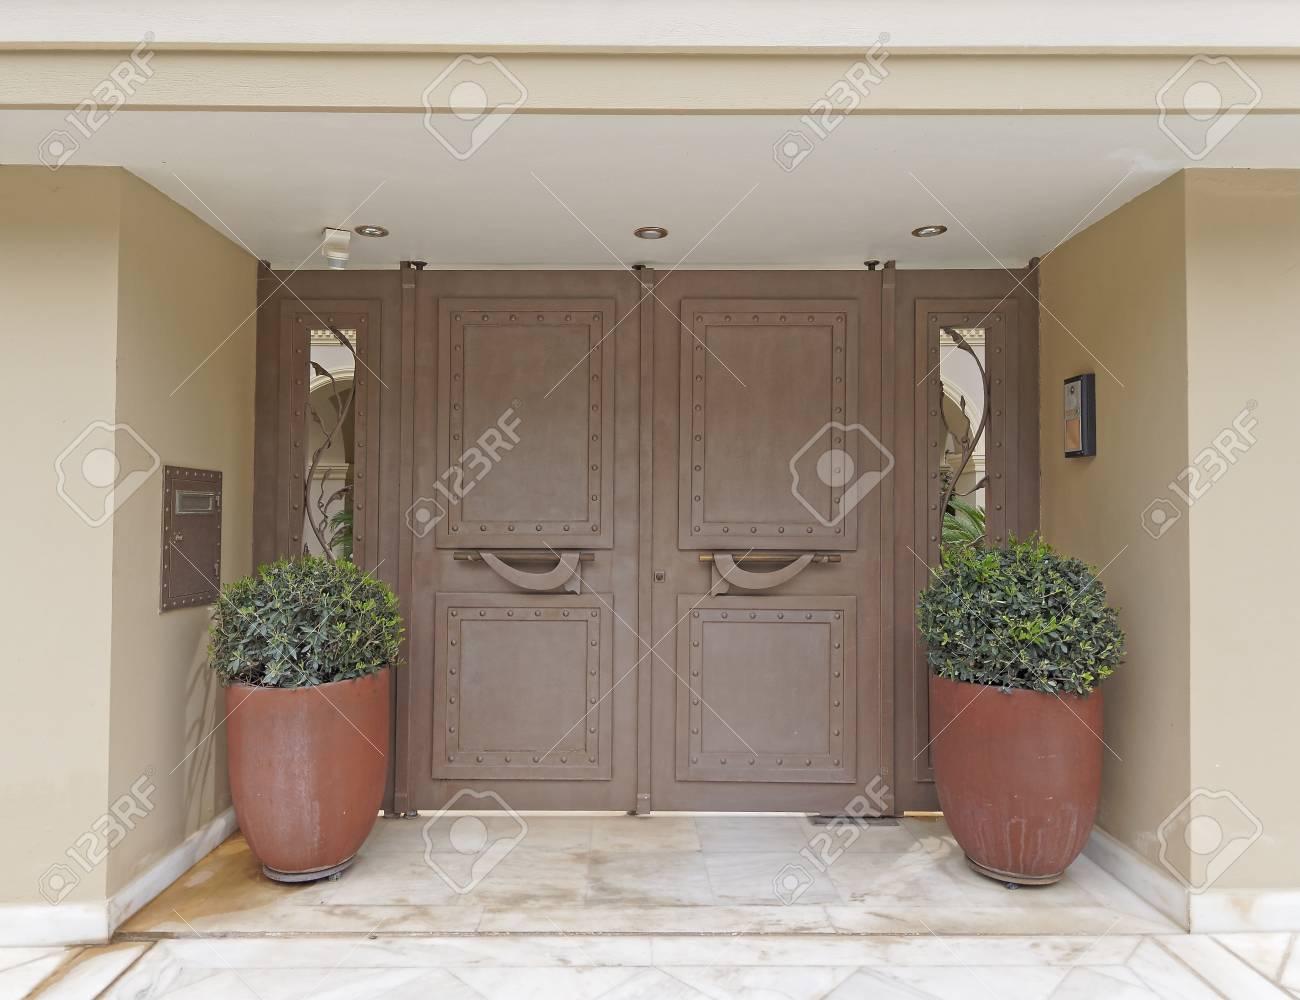 Anspruchsvoll Moderne Hauseingänge Sammlung Von Elegante Und Eingang Mit Doppel Blumentöpfe Standard-bild